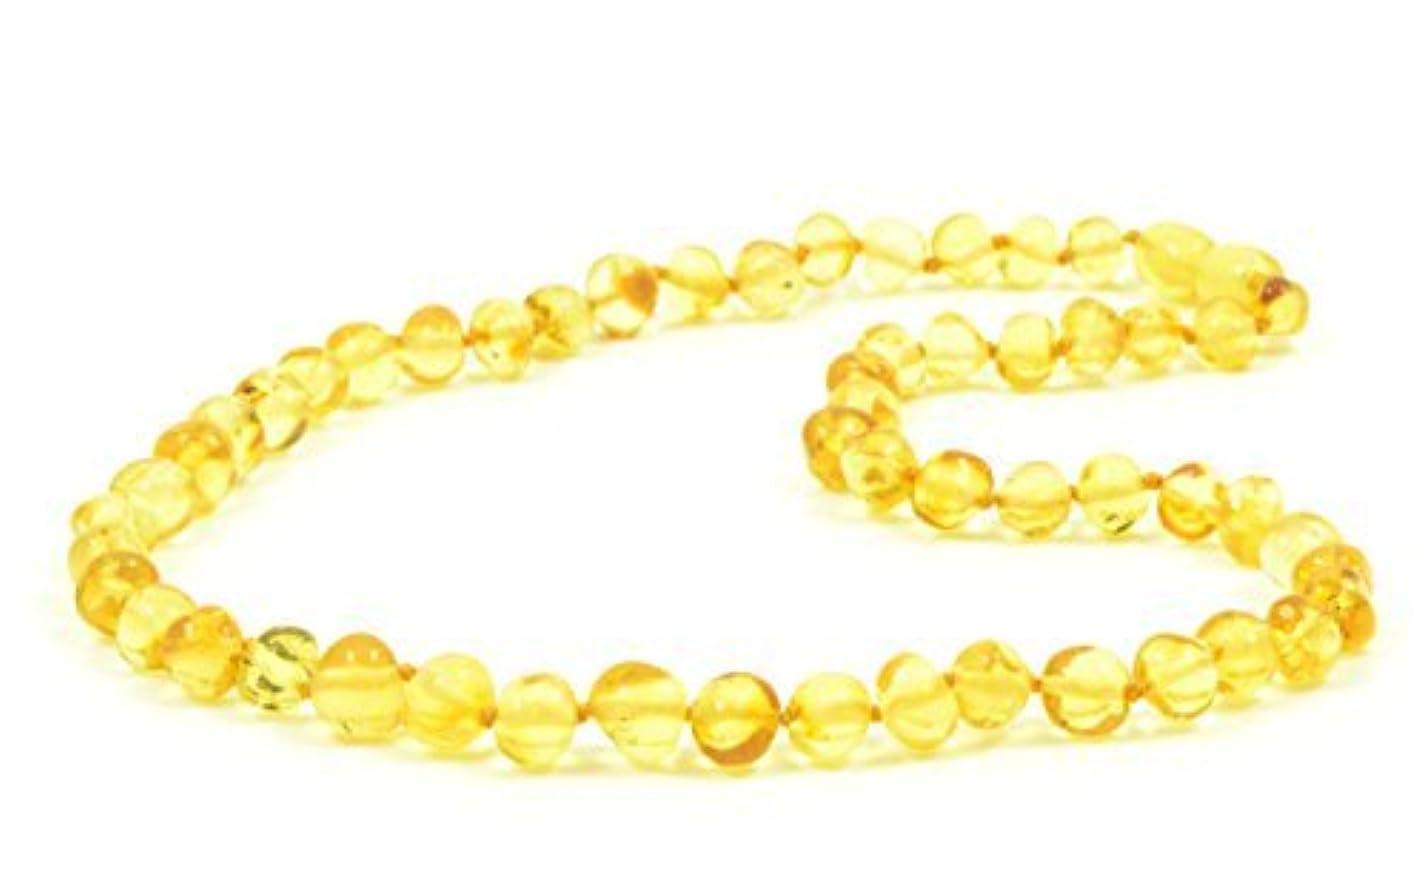 ホイール確立小さなBaltic amberネックレス大人用 – 18 – 21.6インチ – amberjewelry – MadeからAuthentic Baltic Amberビーズ – レモン色 21.6 inch